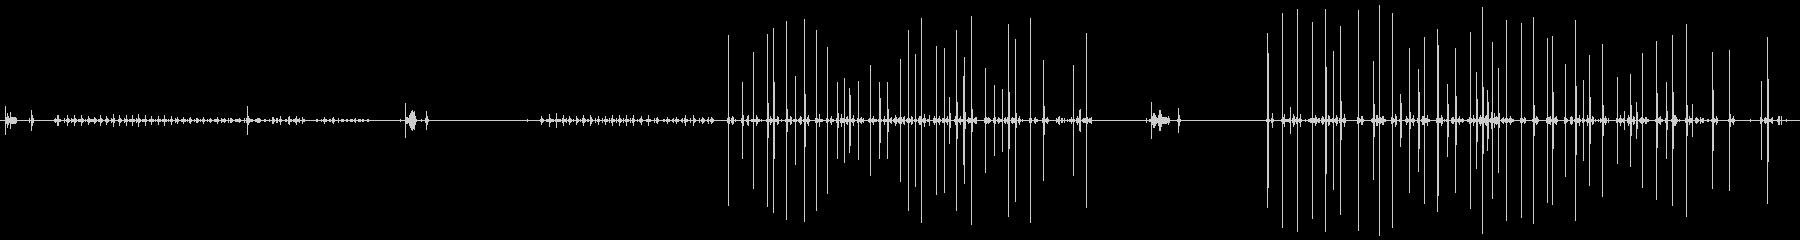 古いマニュアルタイプライター:ラン...の未再生の波形